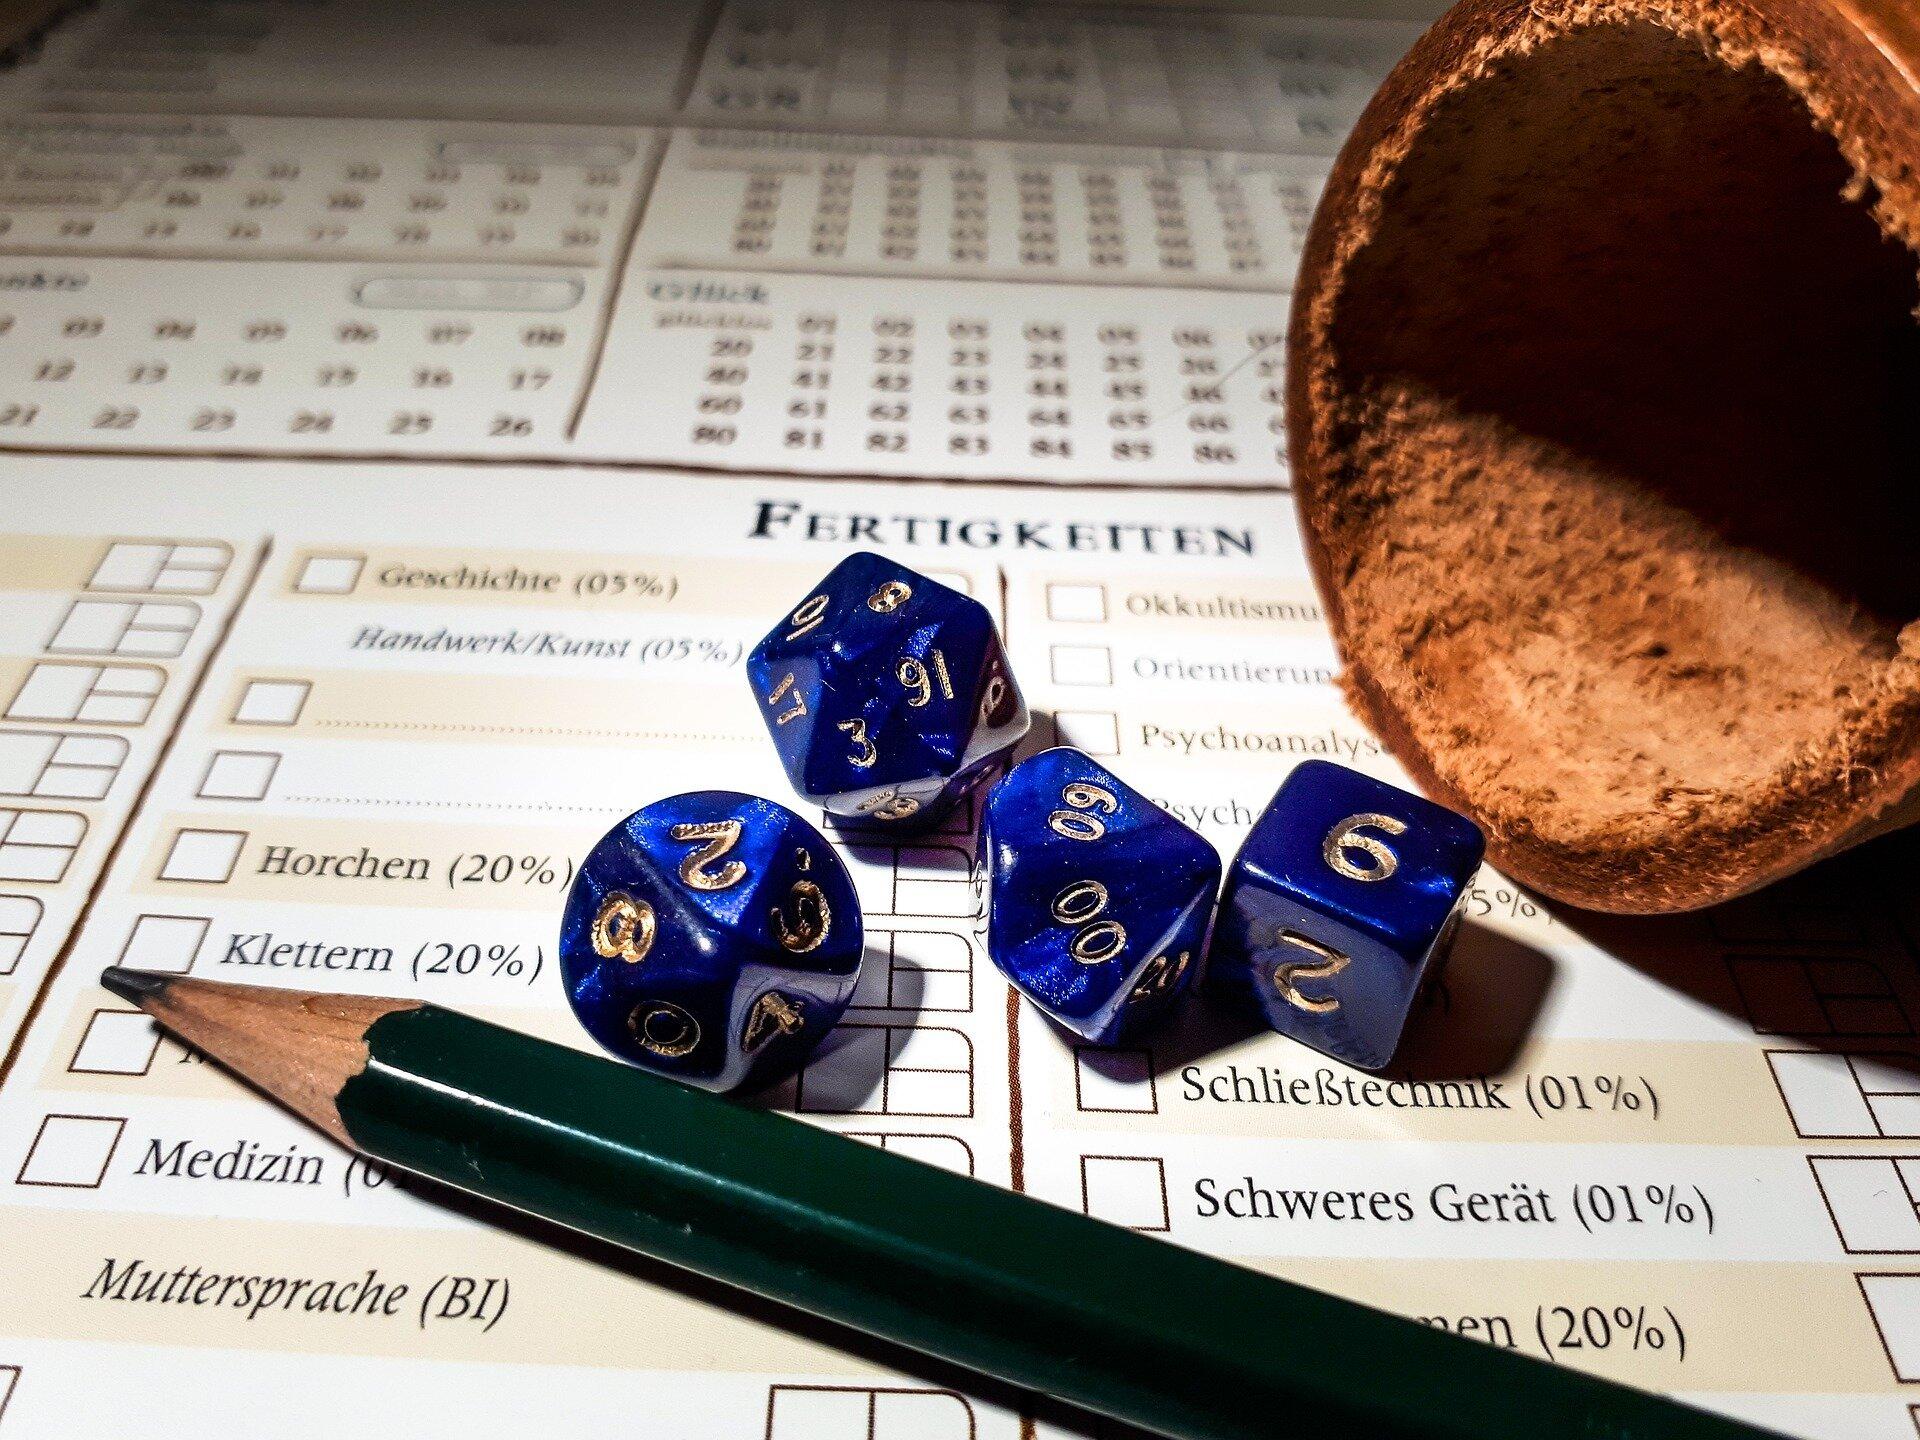 Fantasy-Rollenspiele als pädagogisches Mittel: Quelle Pixabay